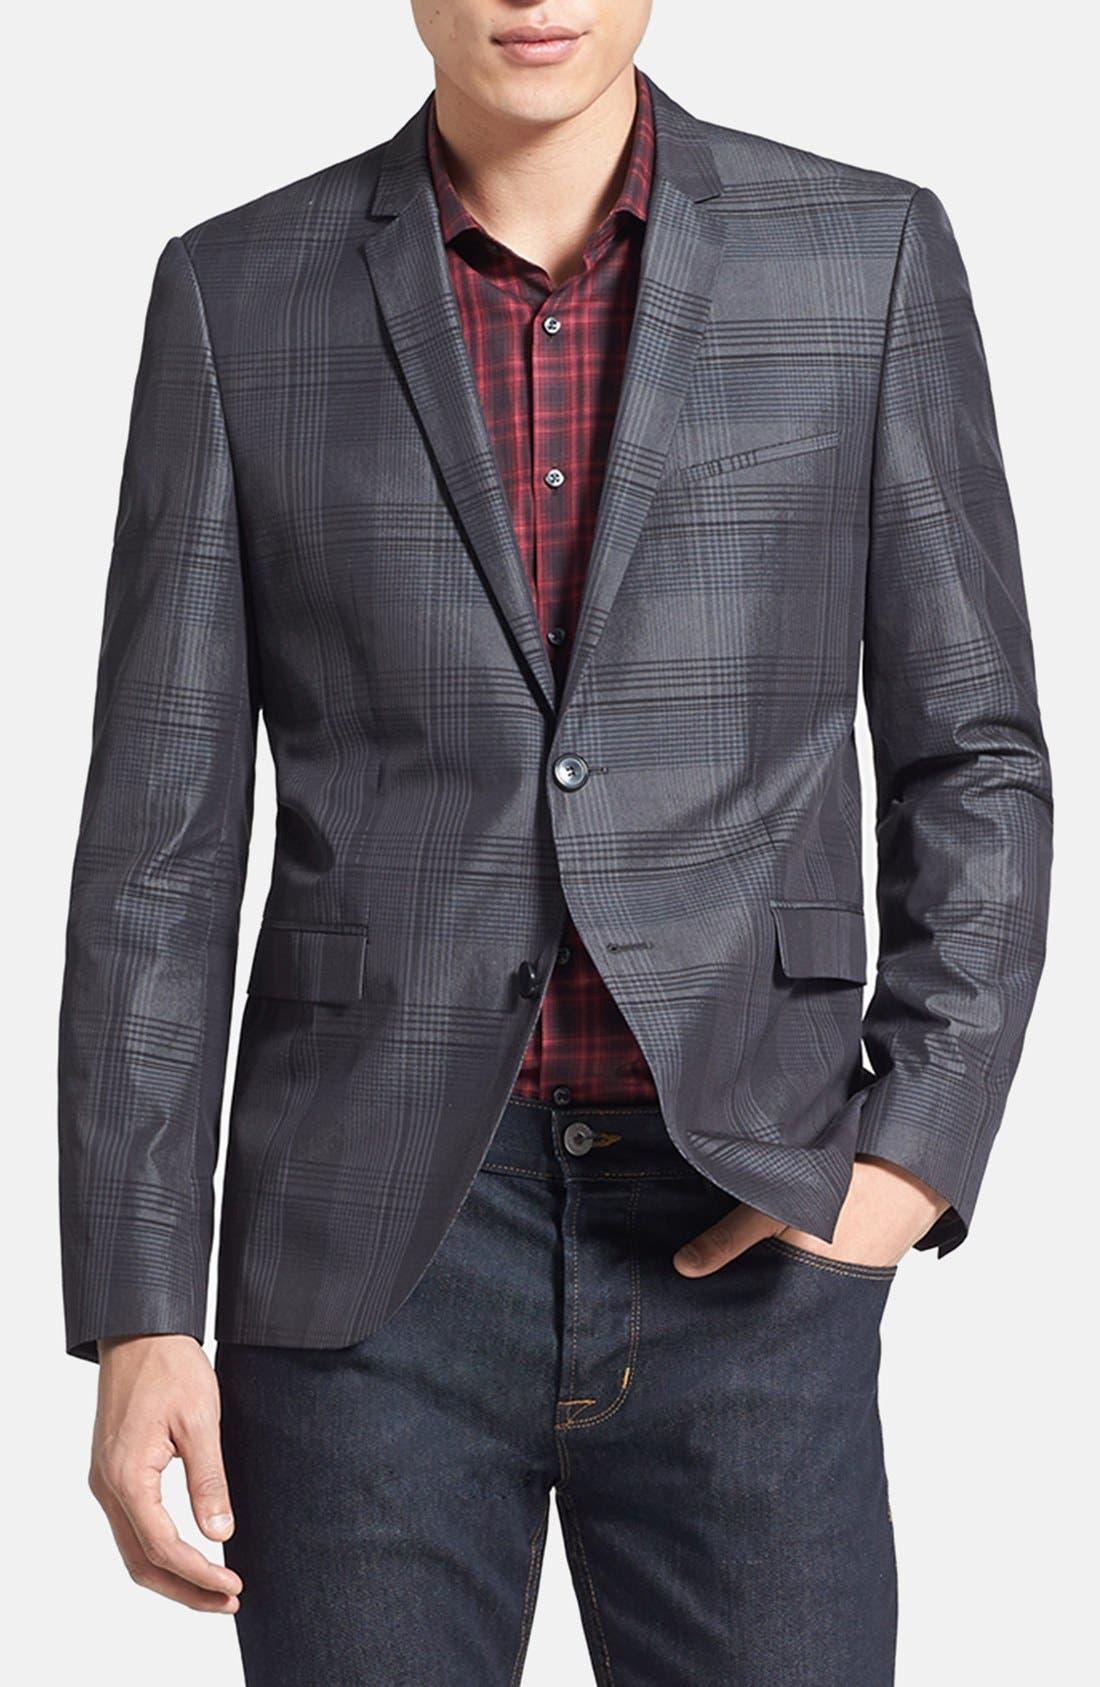 Main Image - HUGO 'Adris' Extra Trim Fit Plaid Sportcoat